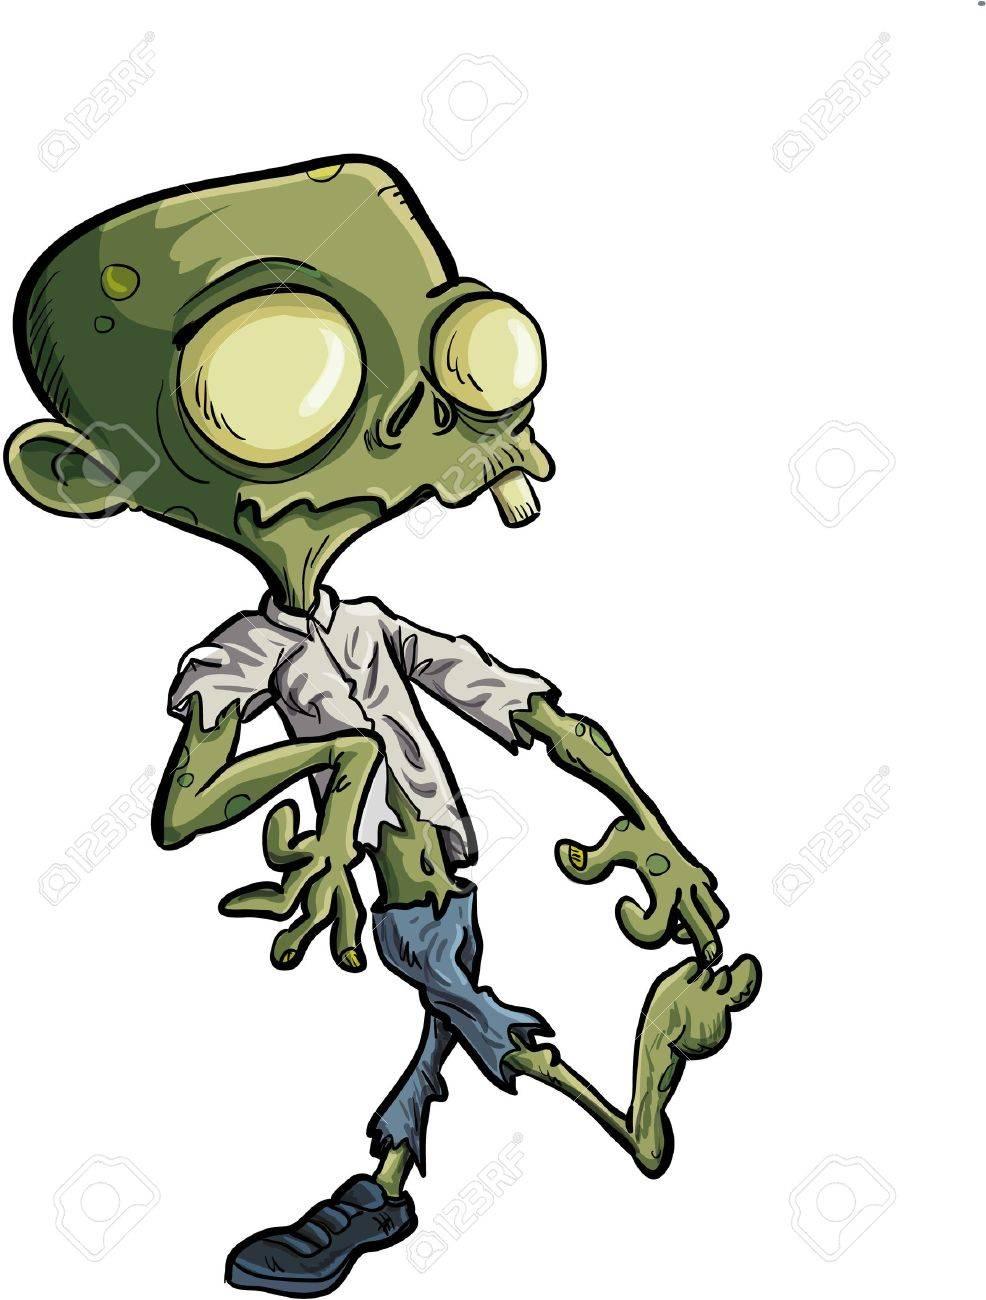 Zombie De Dessin Anime Avec Des Yeux Enormes Arrache Vetements Clip Art Libres De Droits Vecteurs Et Illustration Image 21997823